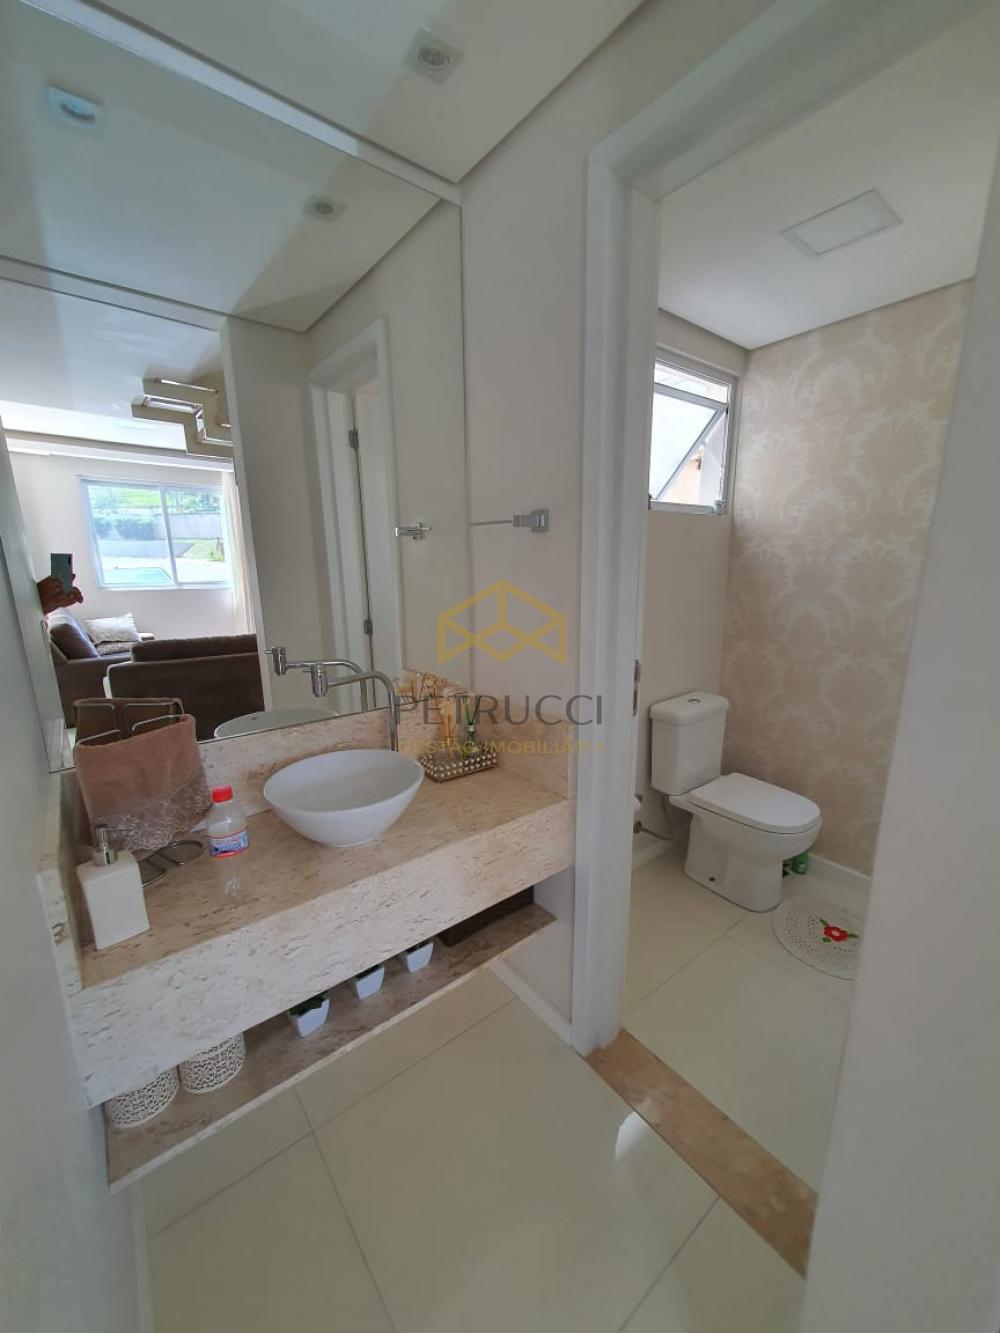 Comprar Casa / Sobrado em Condomínio em Valinhos R$ 685.000,00 - Foto 9